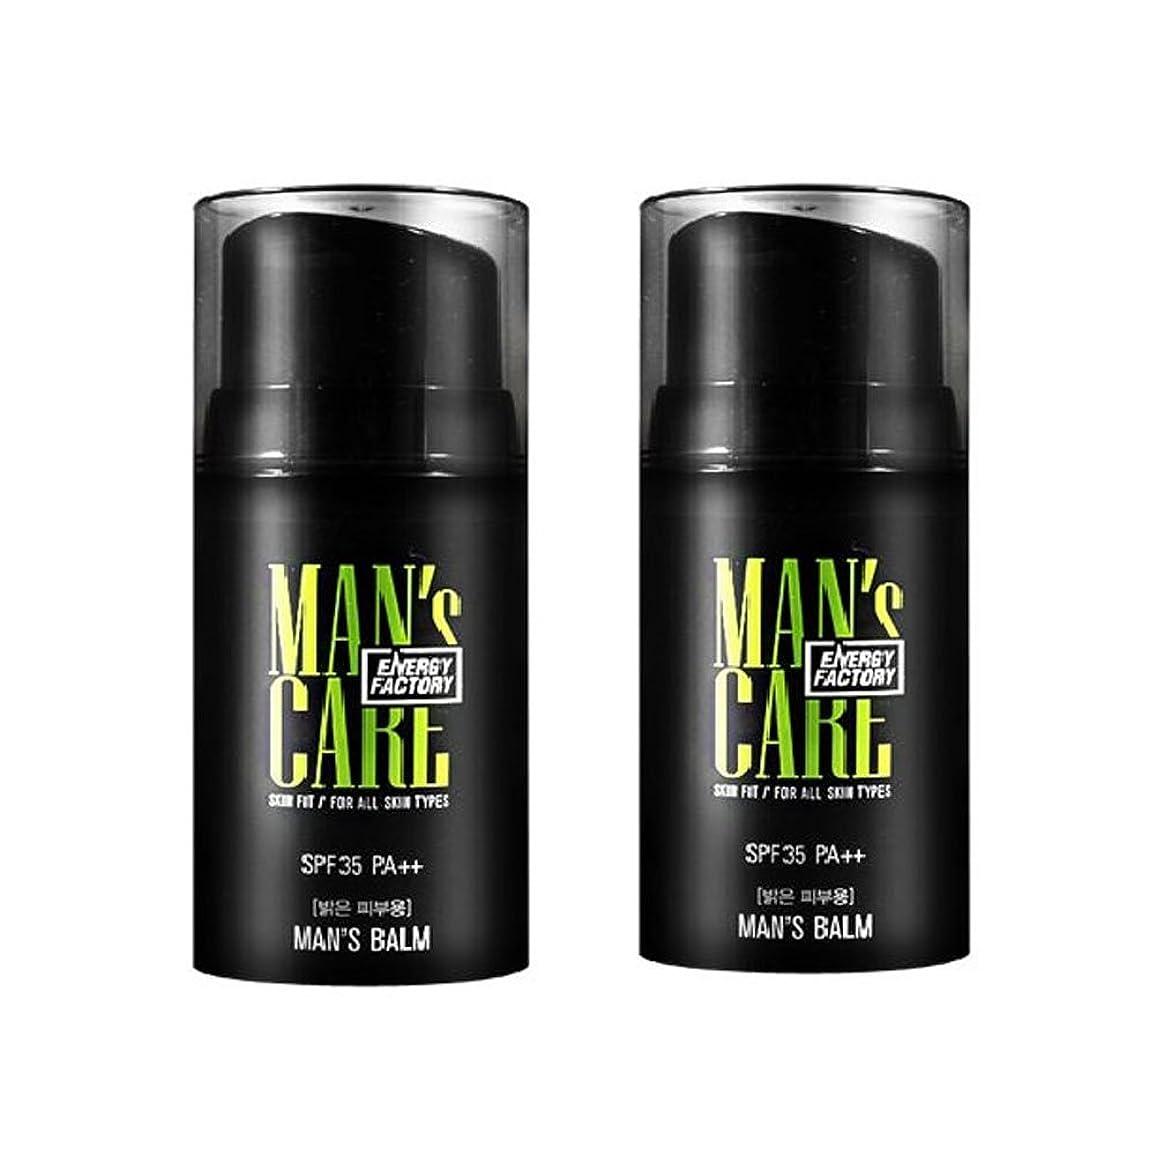 展望台哲学者著者メンズケアエネルギーファクトリースキンフィット?マンズ?Balm 50ml x 2本セット(明るい肌用、暗い肌用) メンズコスメ、Man's Care Energy Factory Skin Fit Man's Balm 50ml x 2ea Set (Bright Skin、Dark Skin) Men's Cosmetics [並行輸入品] (Bright Skin)